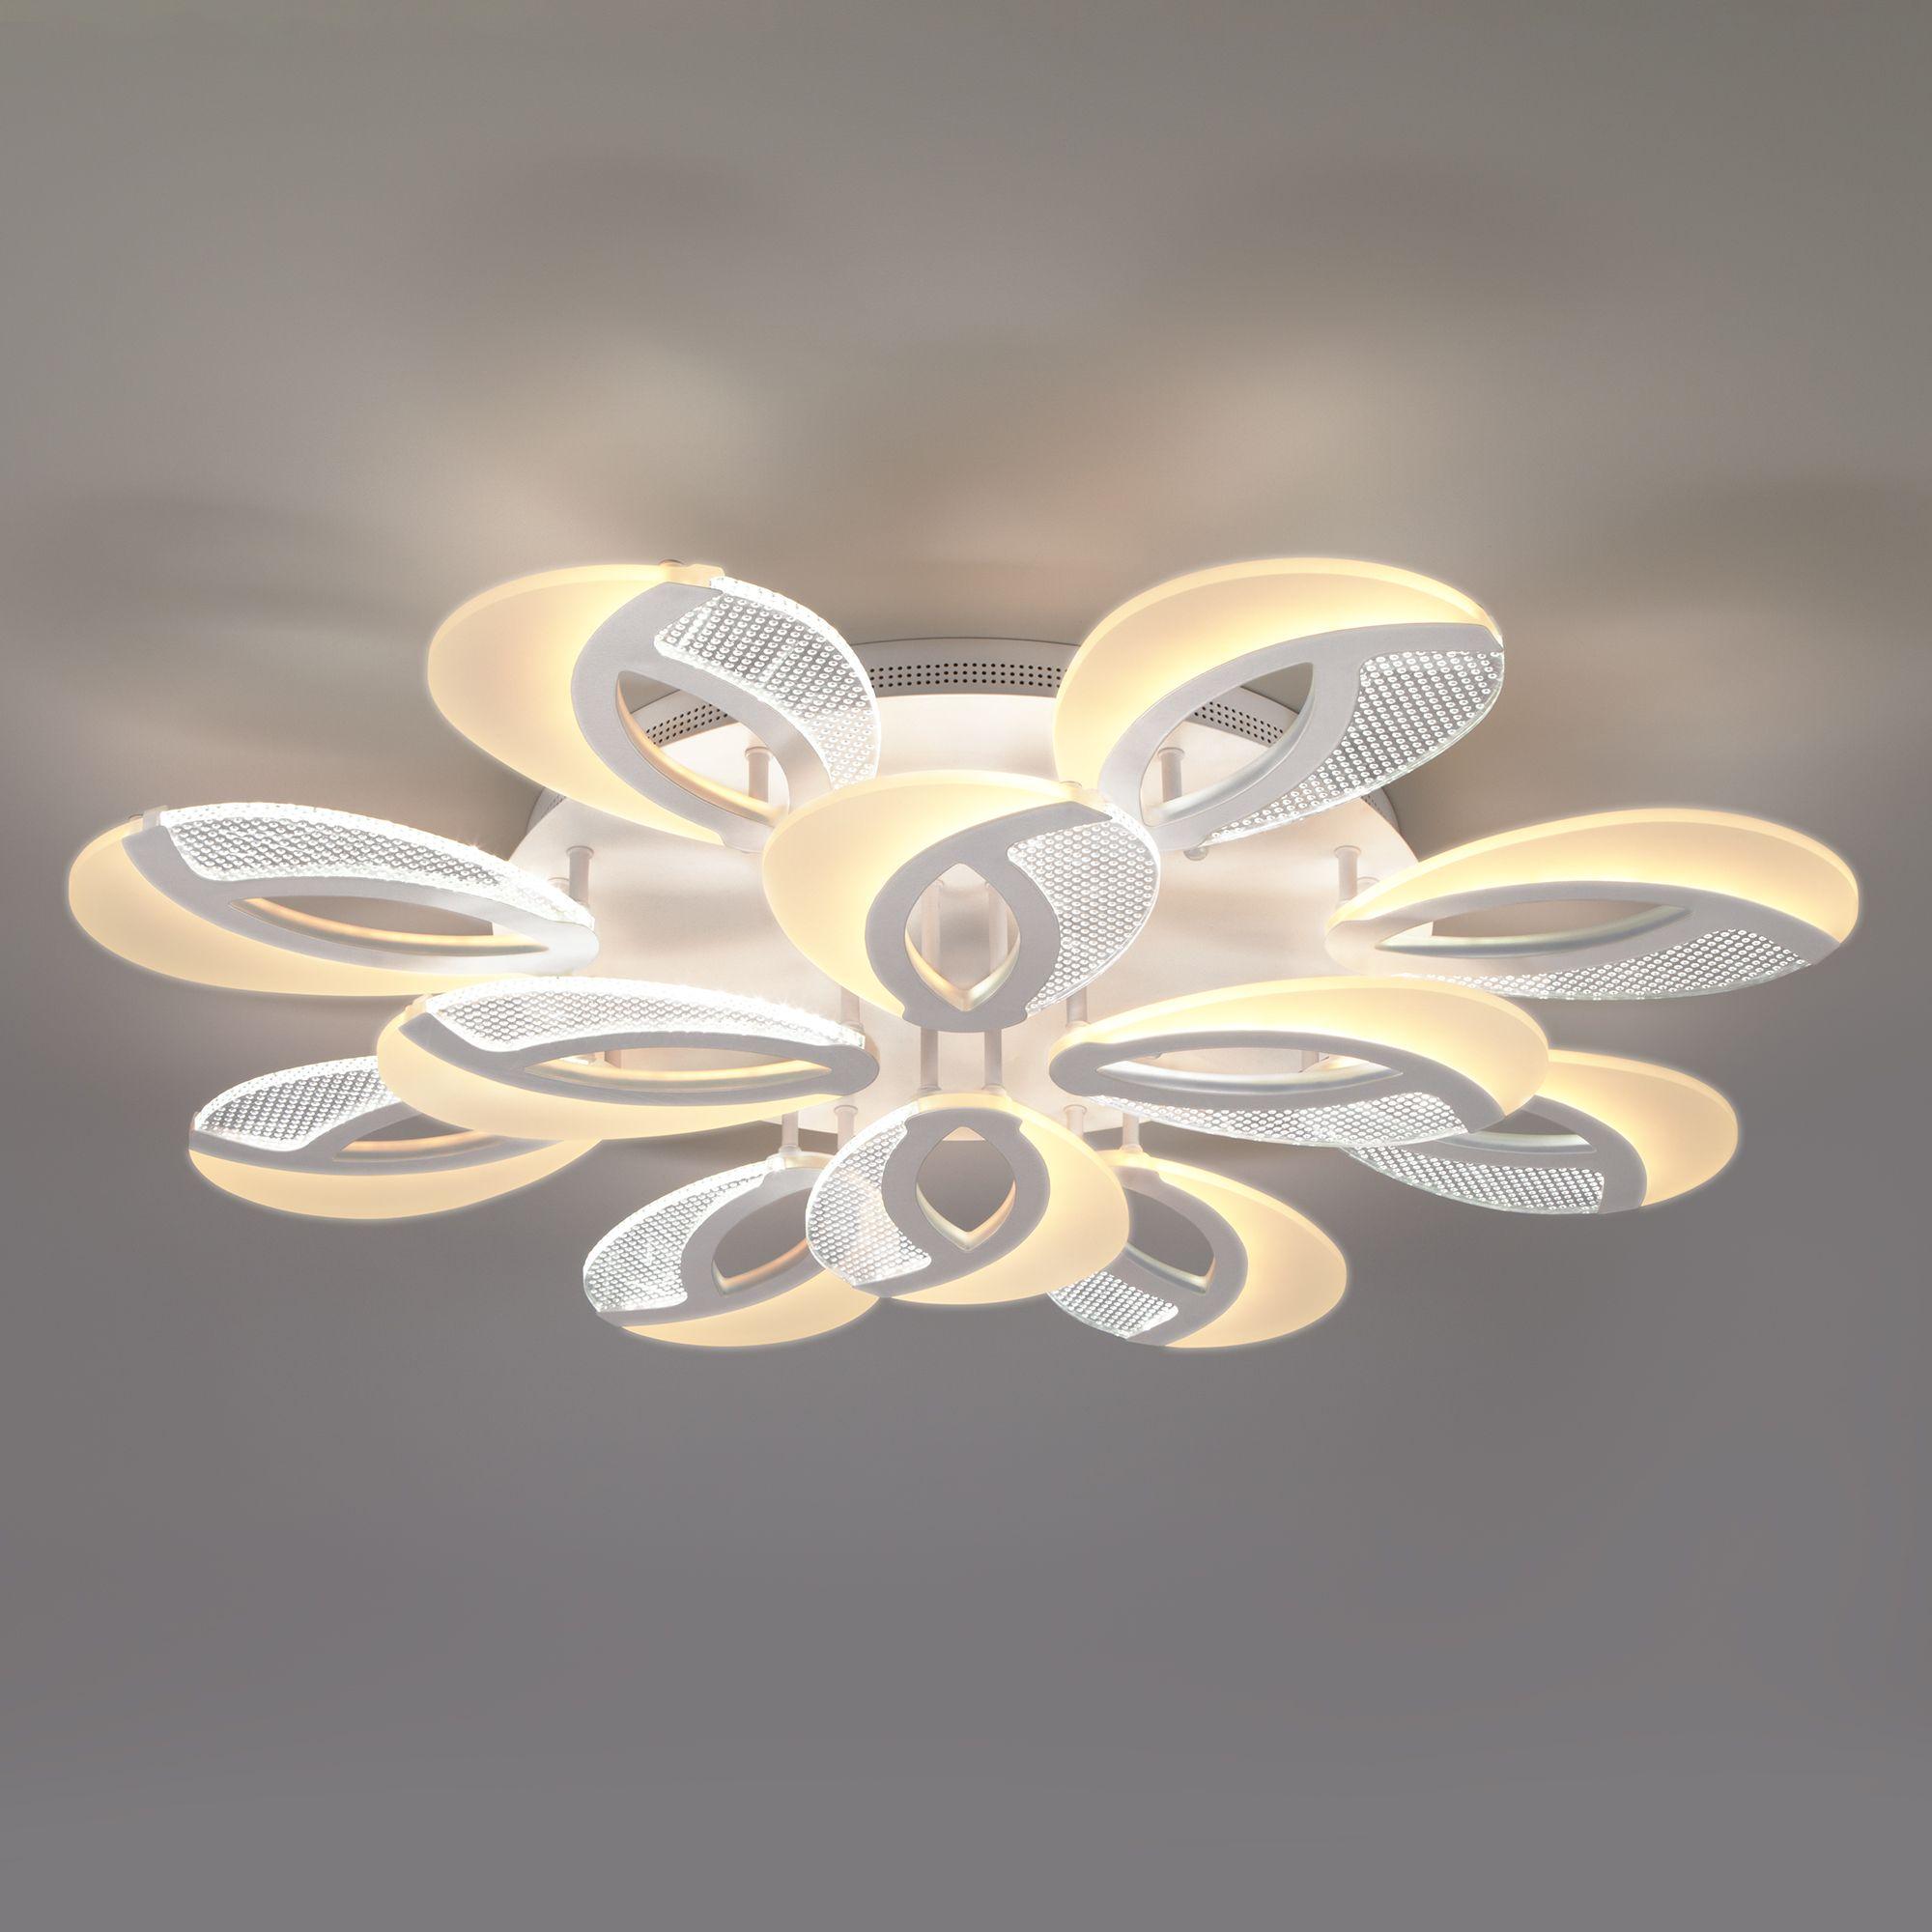 Светодиодный потолочный светильник с пультом управления 90140/12 белый